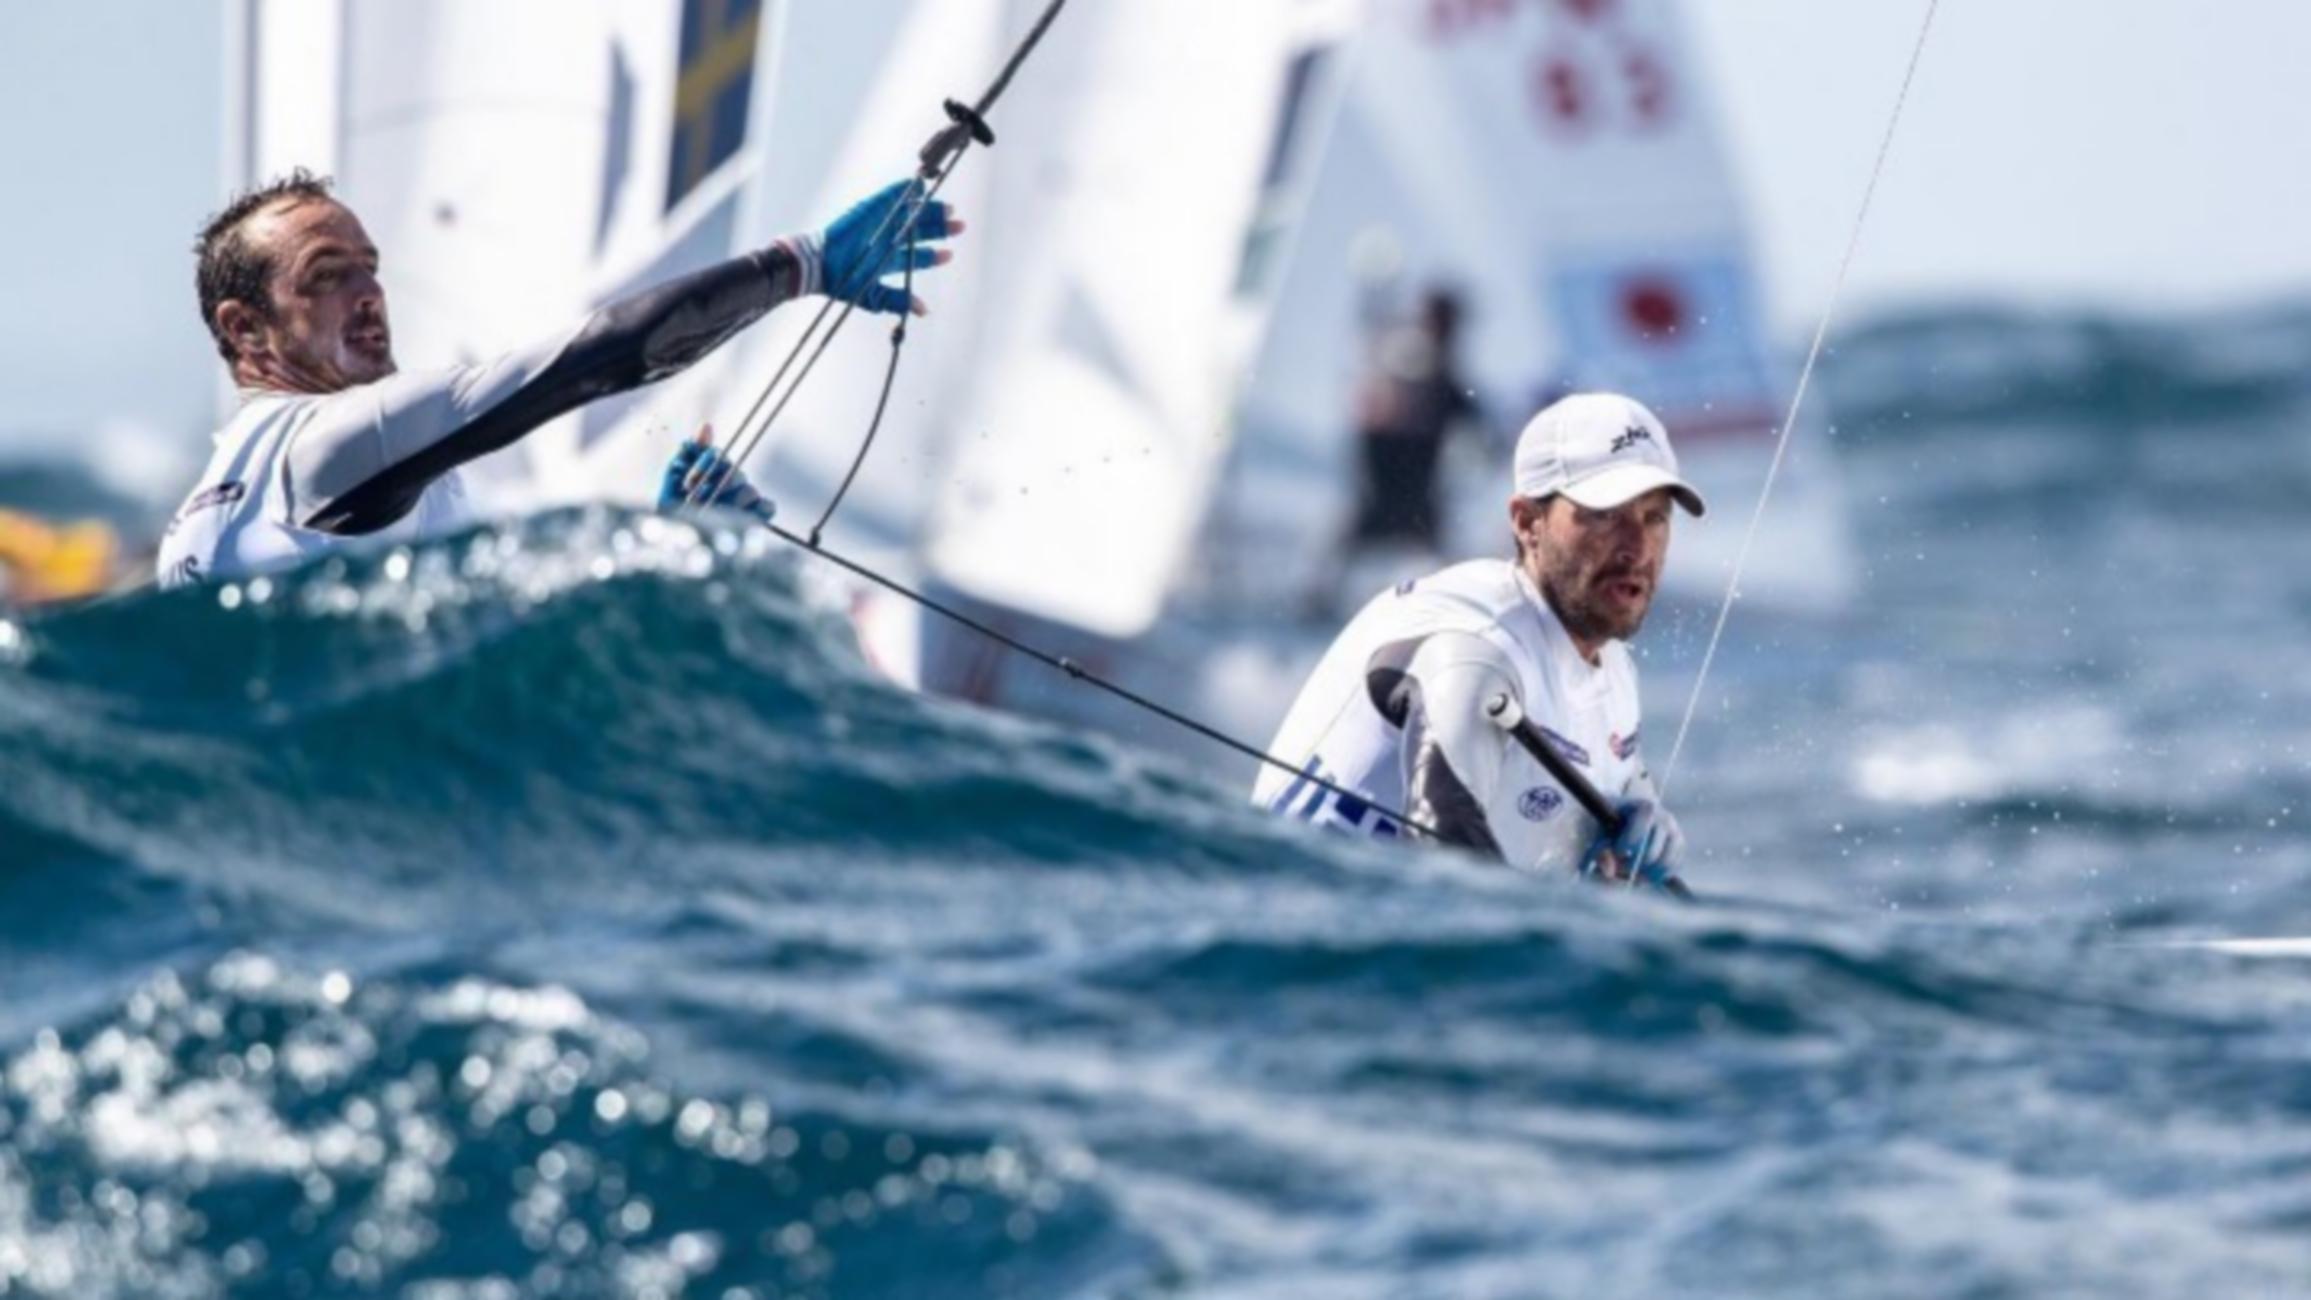 Μάντης και Καγιαλής δίνουν «μάχη» για μετάλλιο στο Παγκόσμιο Πρωτάθλημα